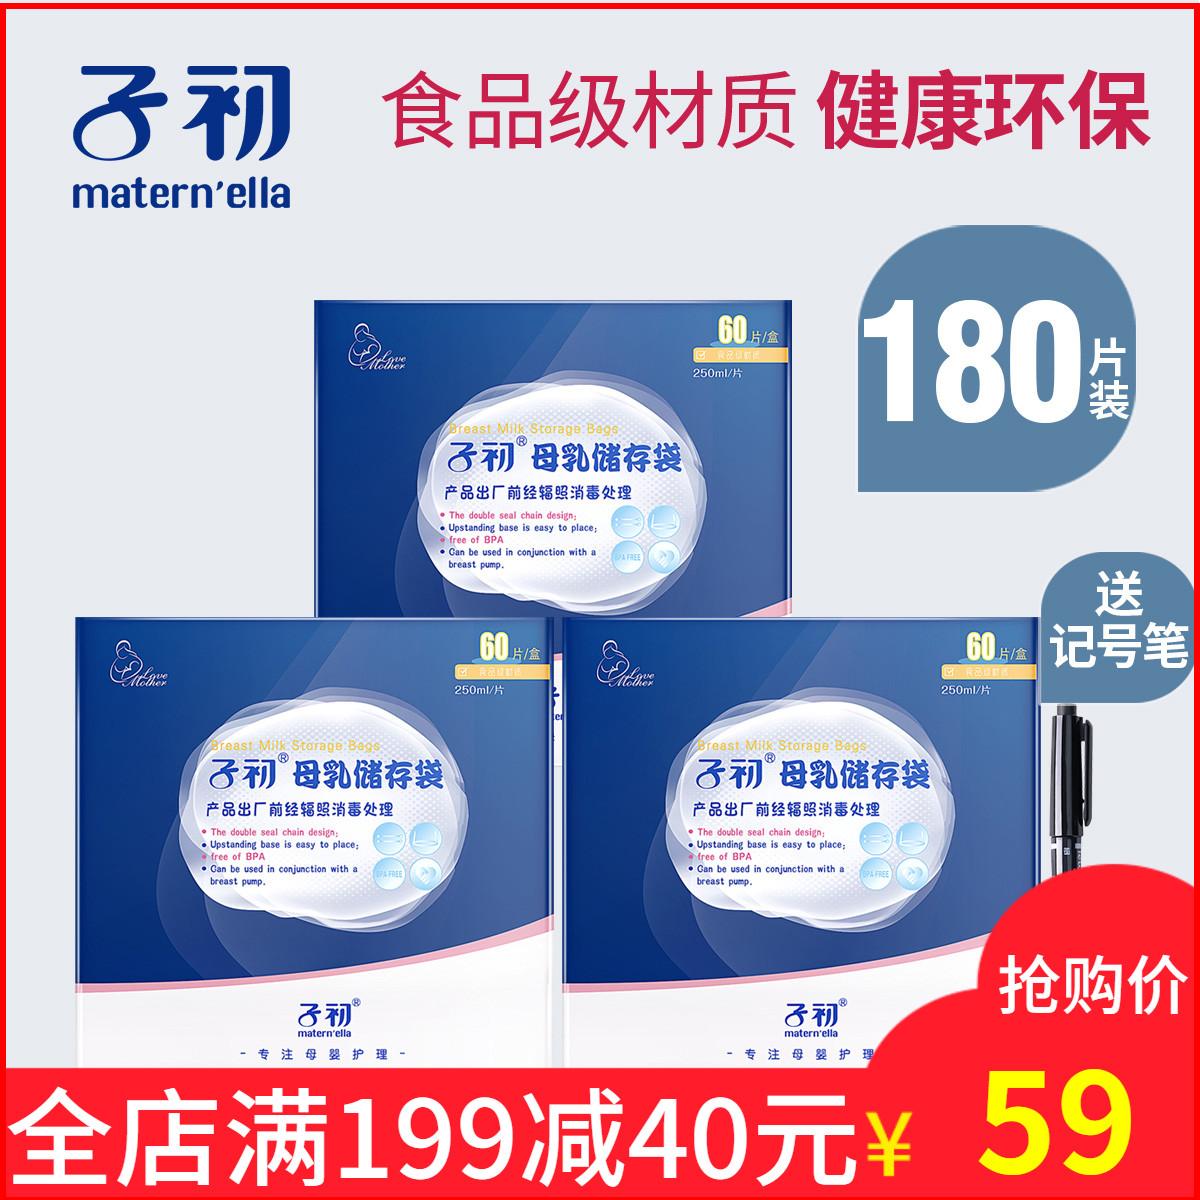 【180片】子初母乳250ml母乳保鲜袋